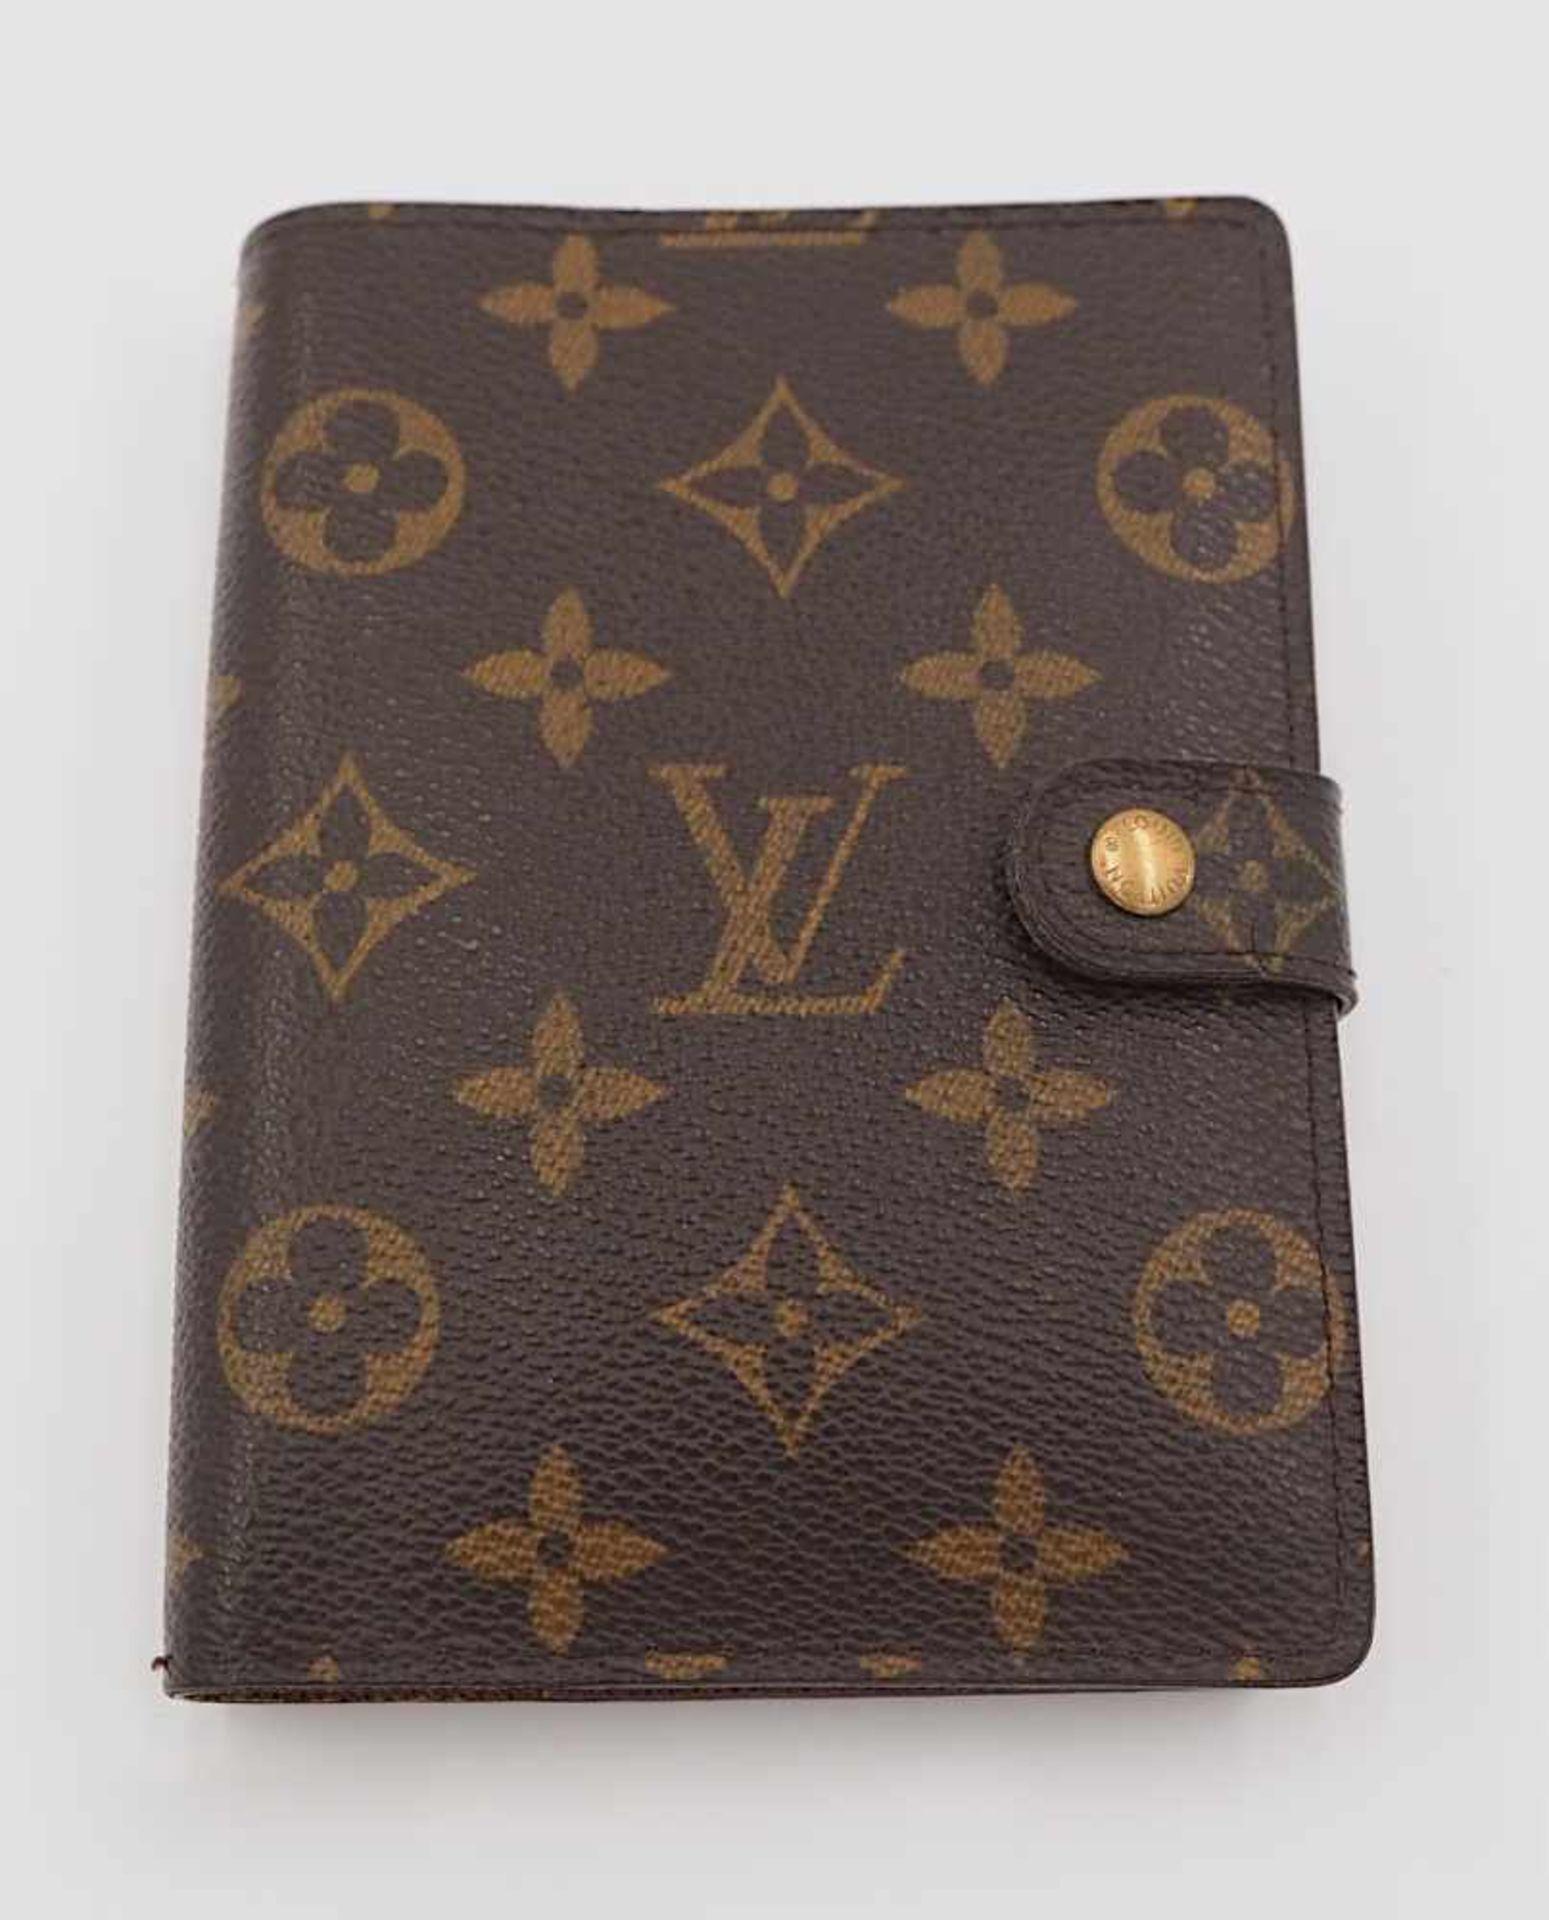 1 Agenda 1 Kugelschreiber Louis Vuitton m. Rechnungskopie monogr. Gsp.